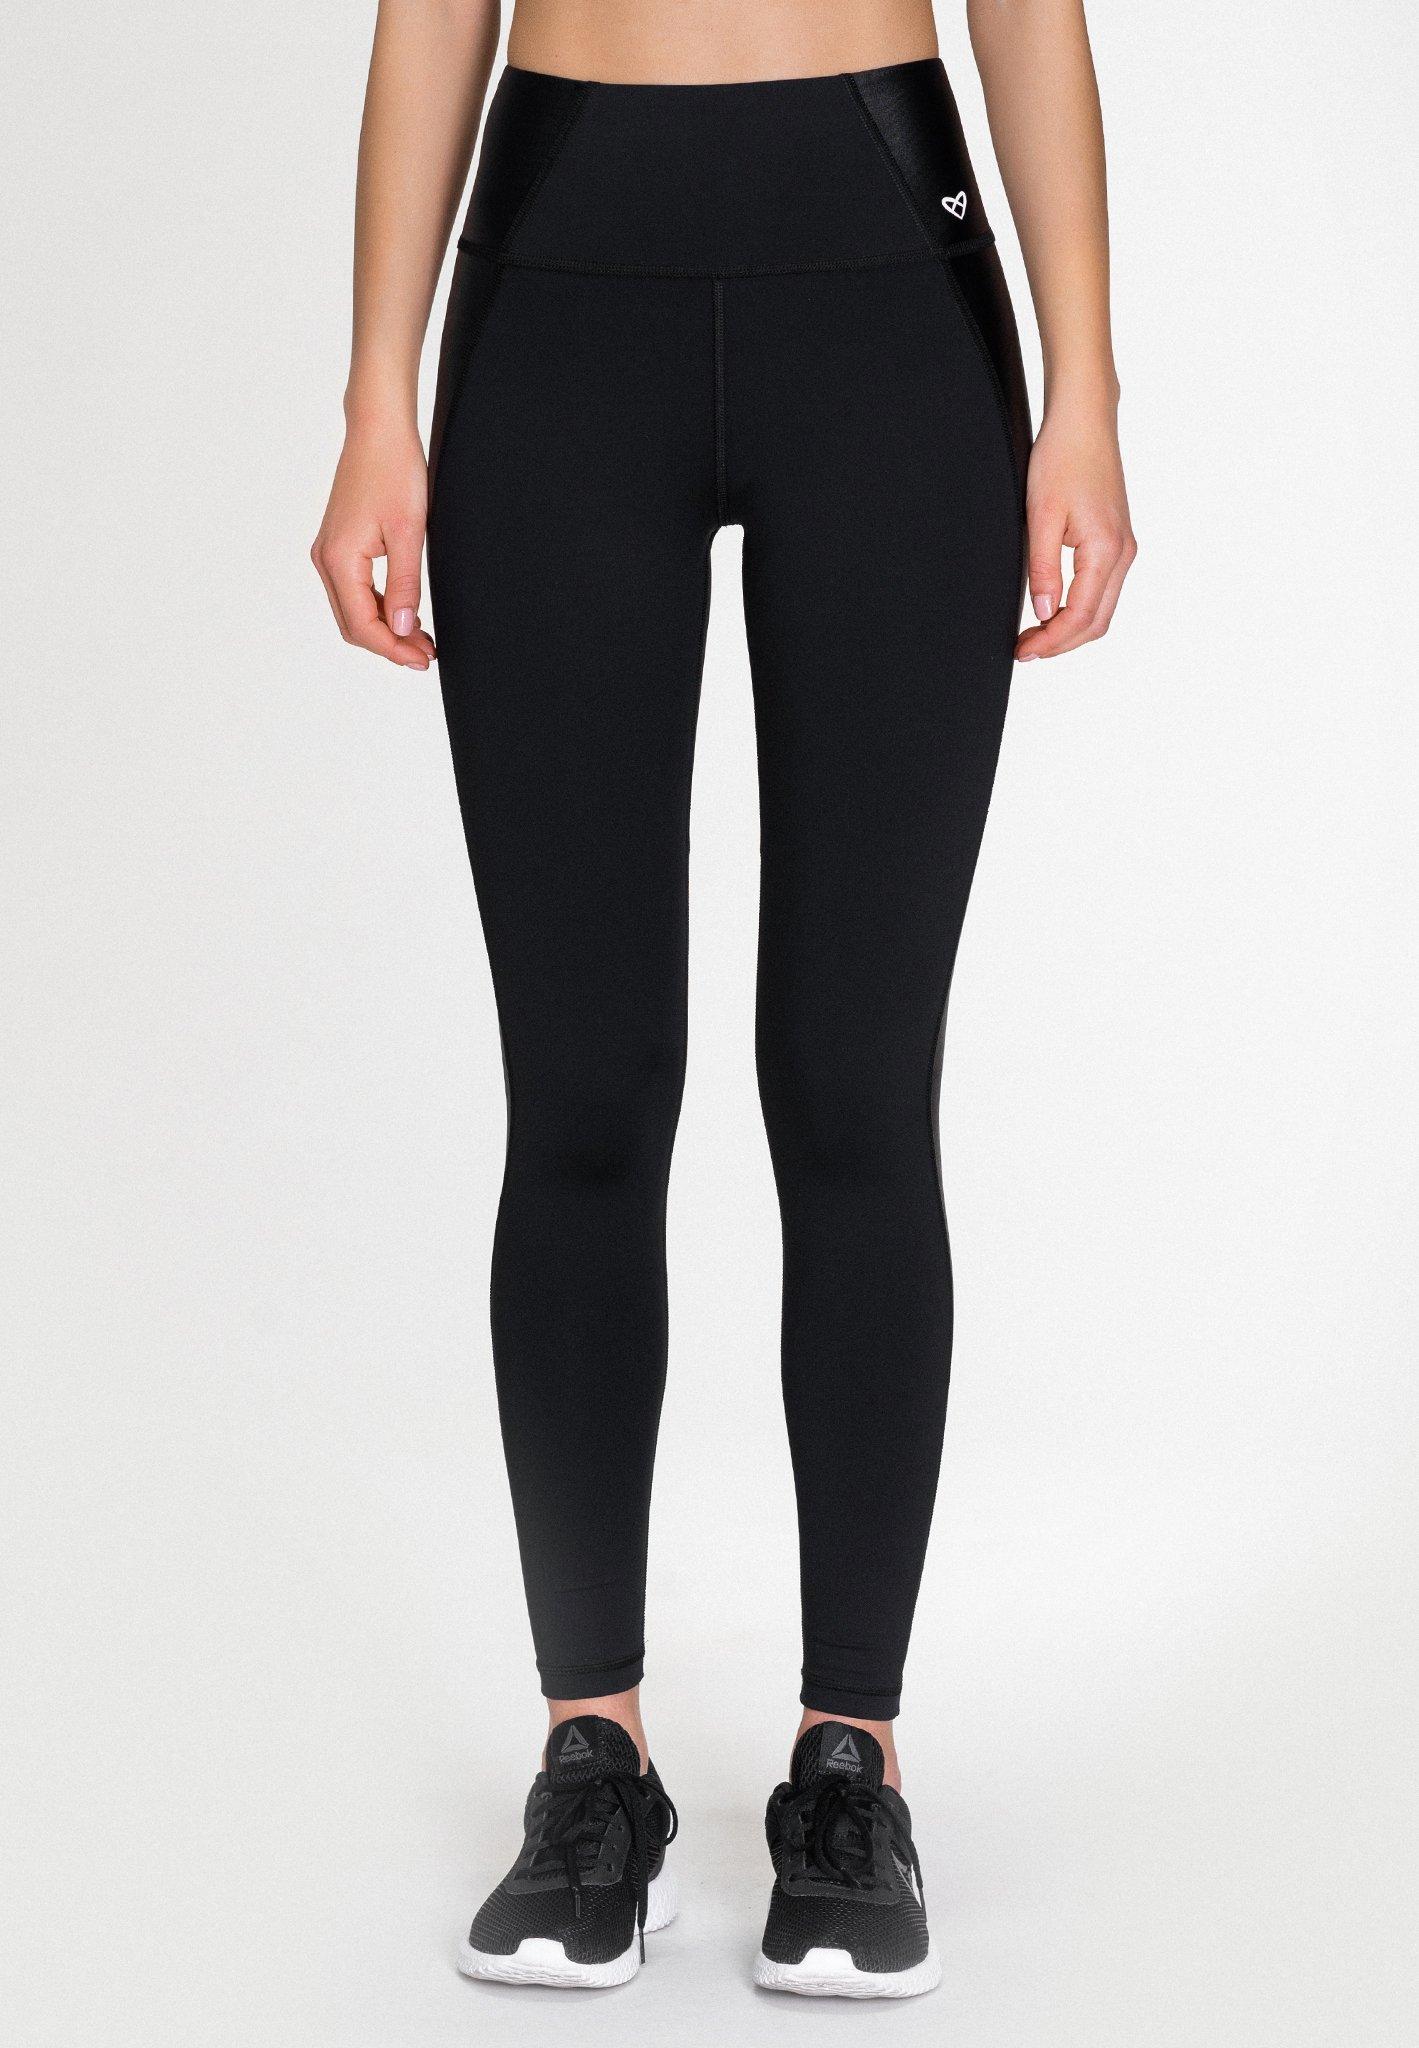 Damen DEA - Leggings - Hosen